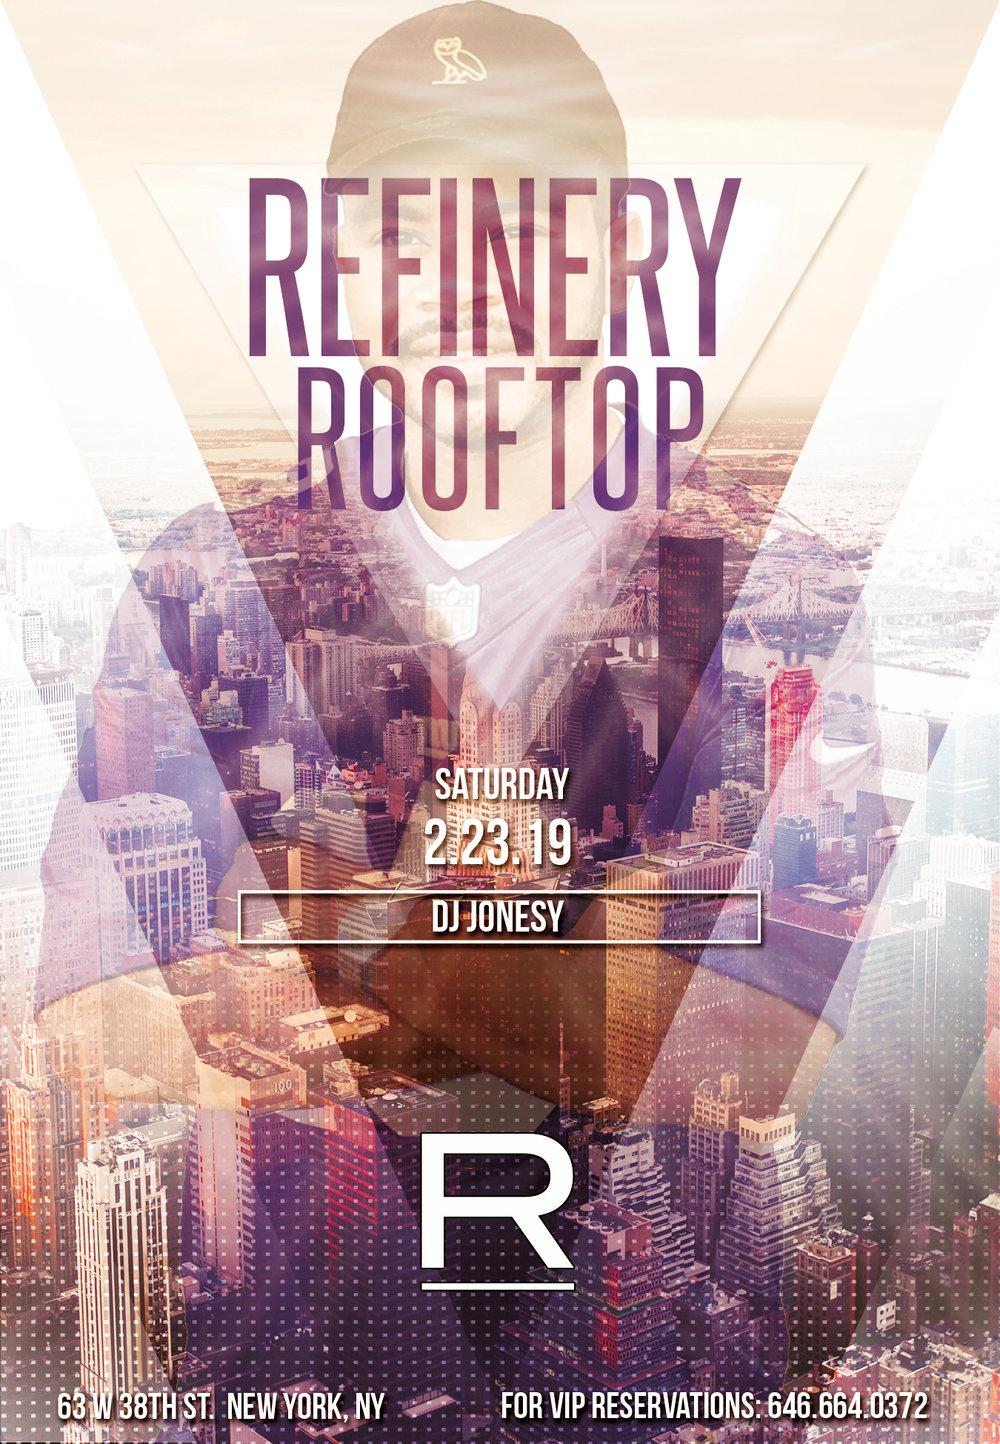 City_Dreams-refineryrooftop-2-23-19.jpg